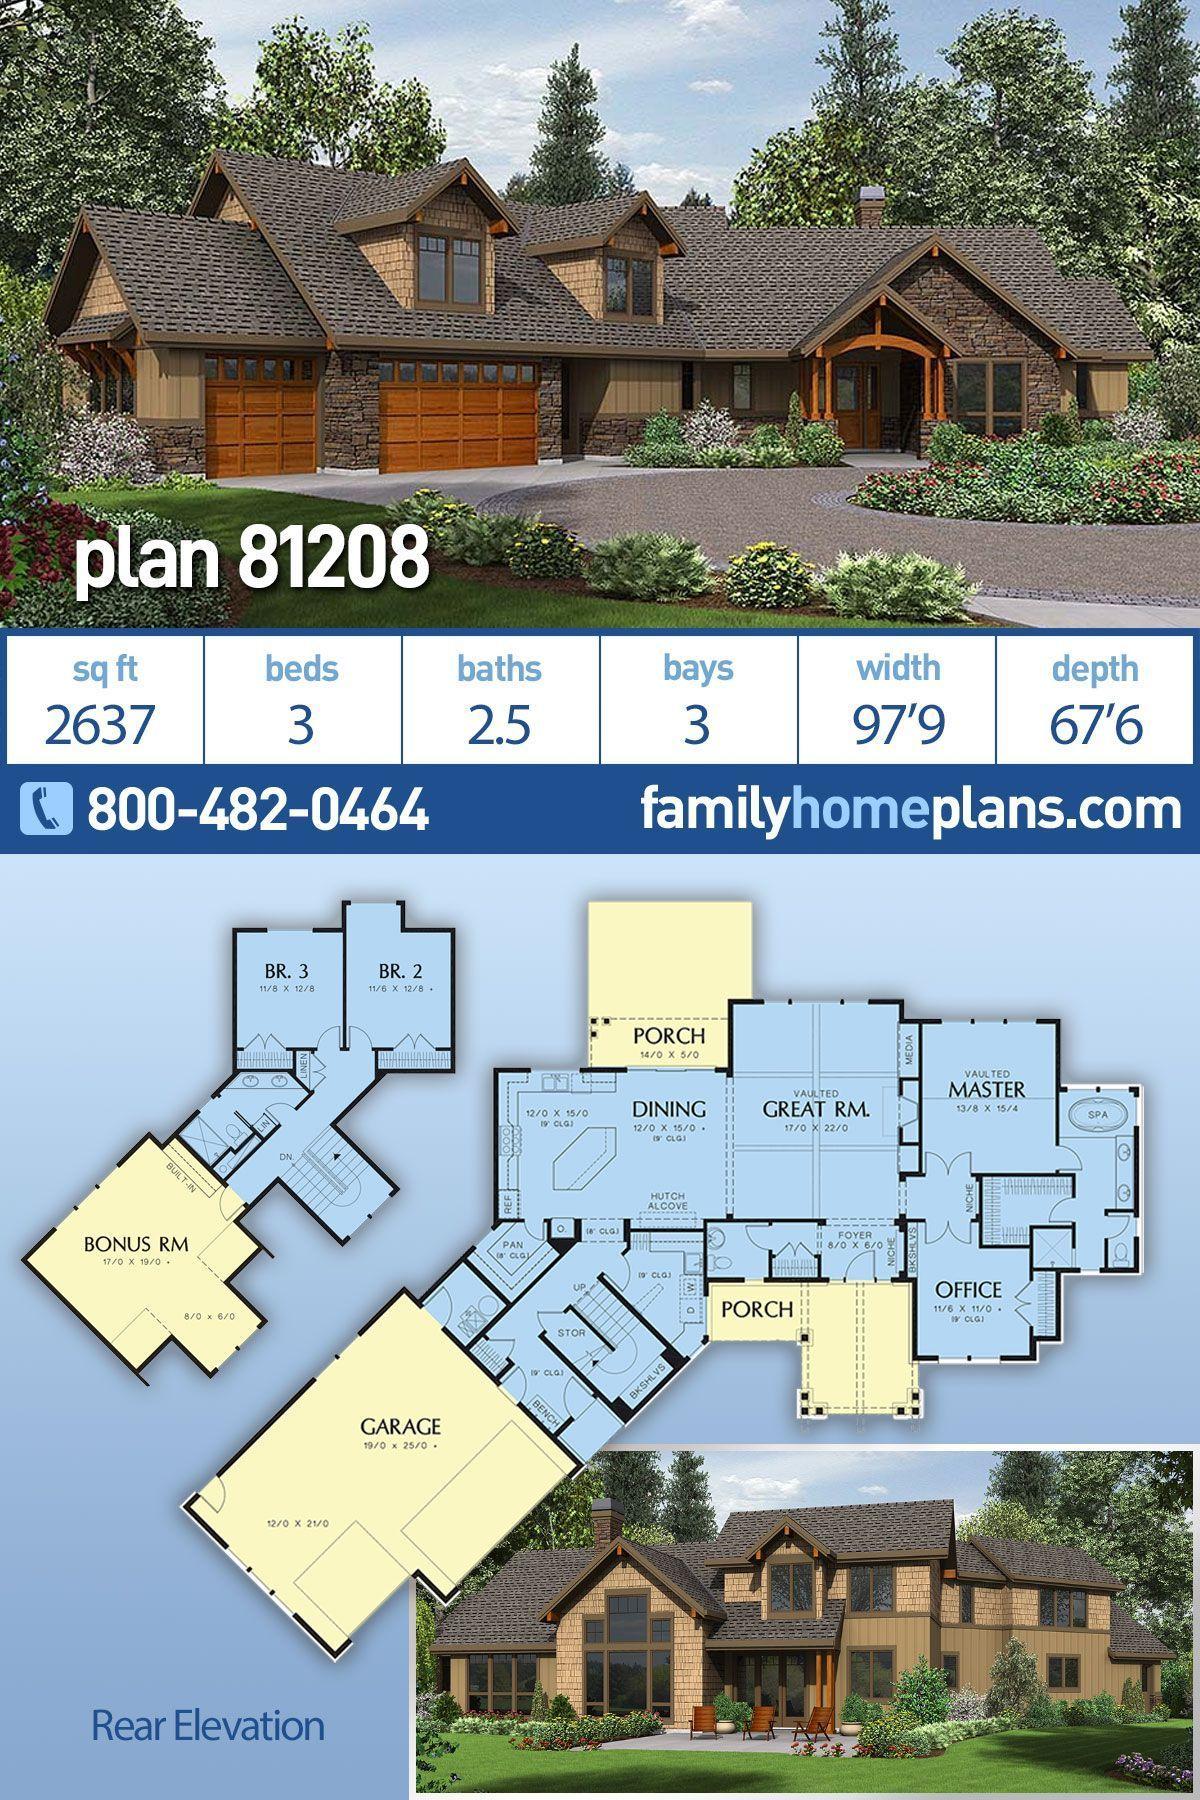 Photo of Ranch Style House Plan 81208 mit 3 Betten, 3 Bädern, Garage für 3 Autos, #Bad #Bett #Car #Garage #Haus …